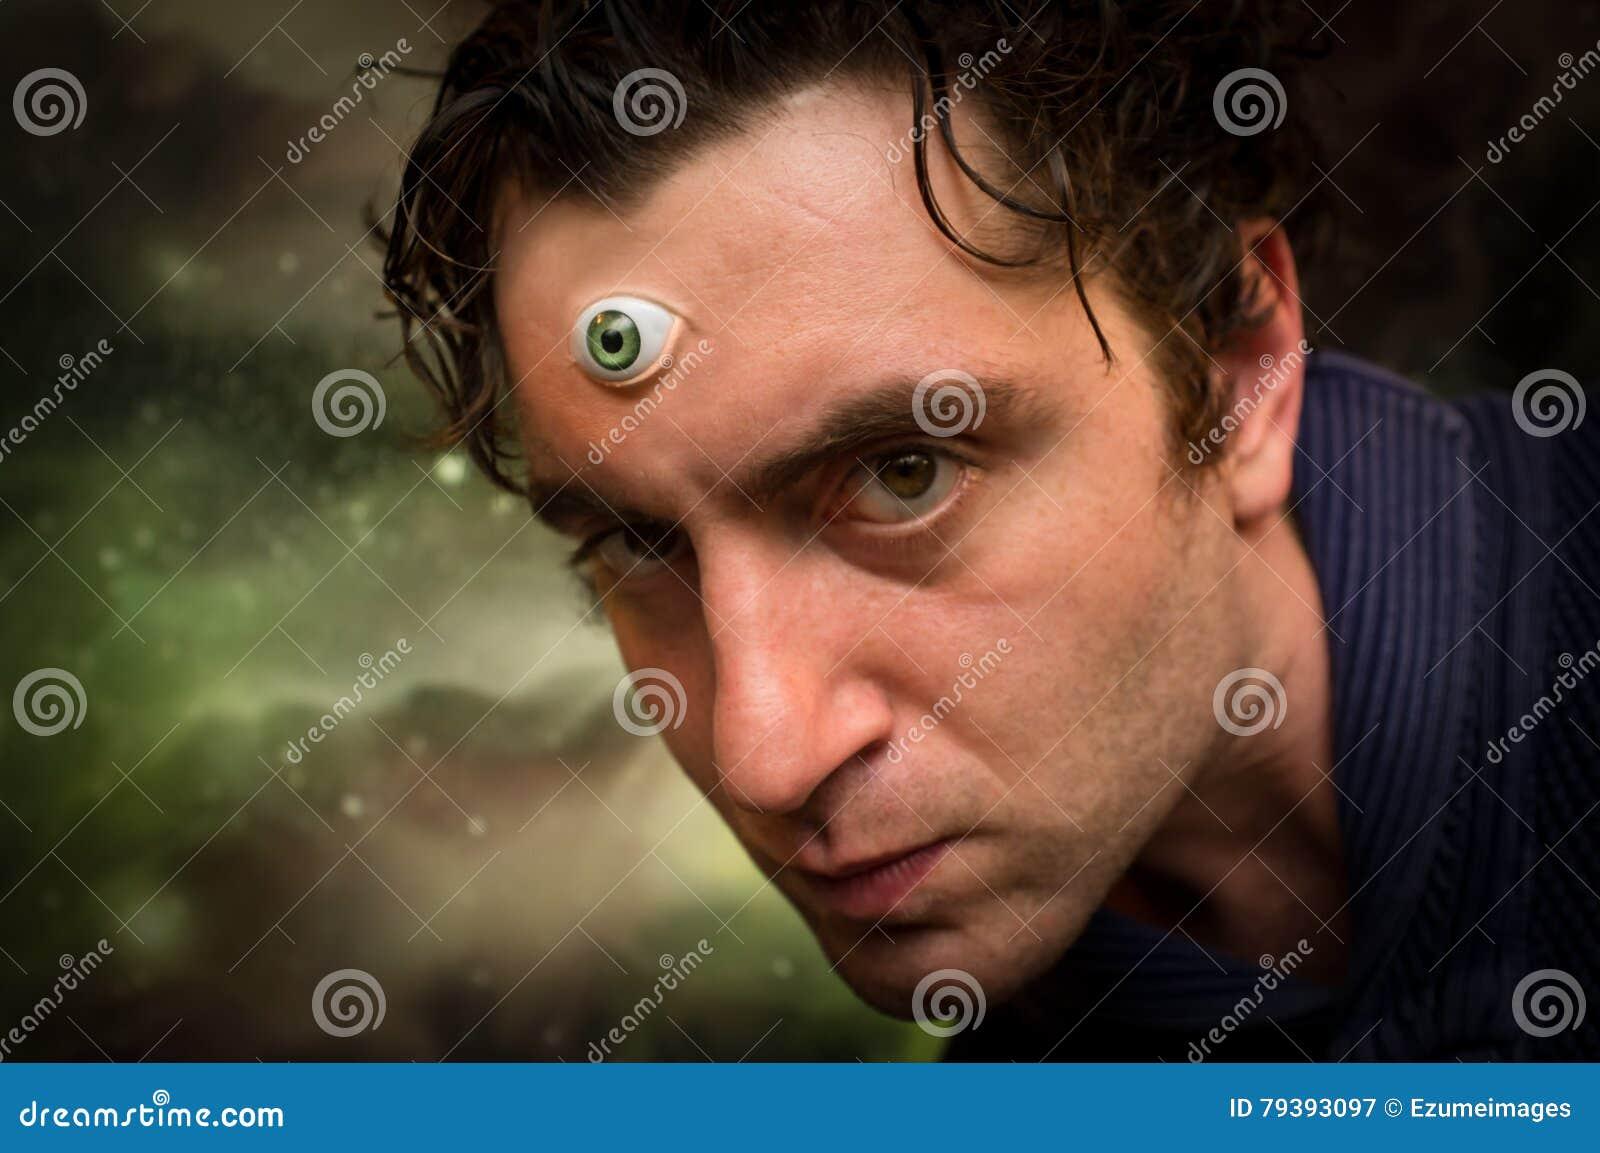 Man Third Eye